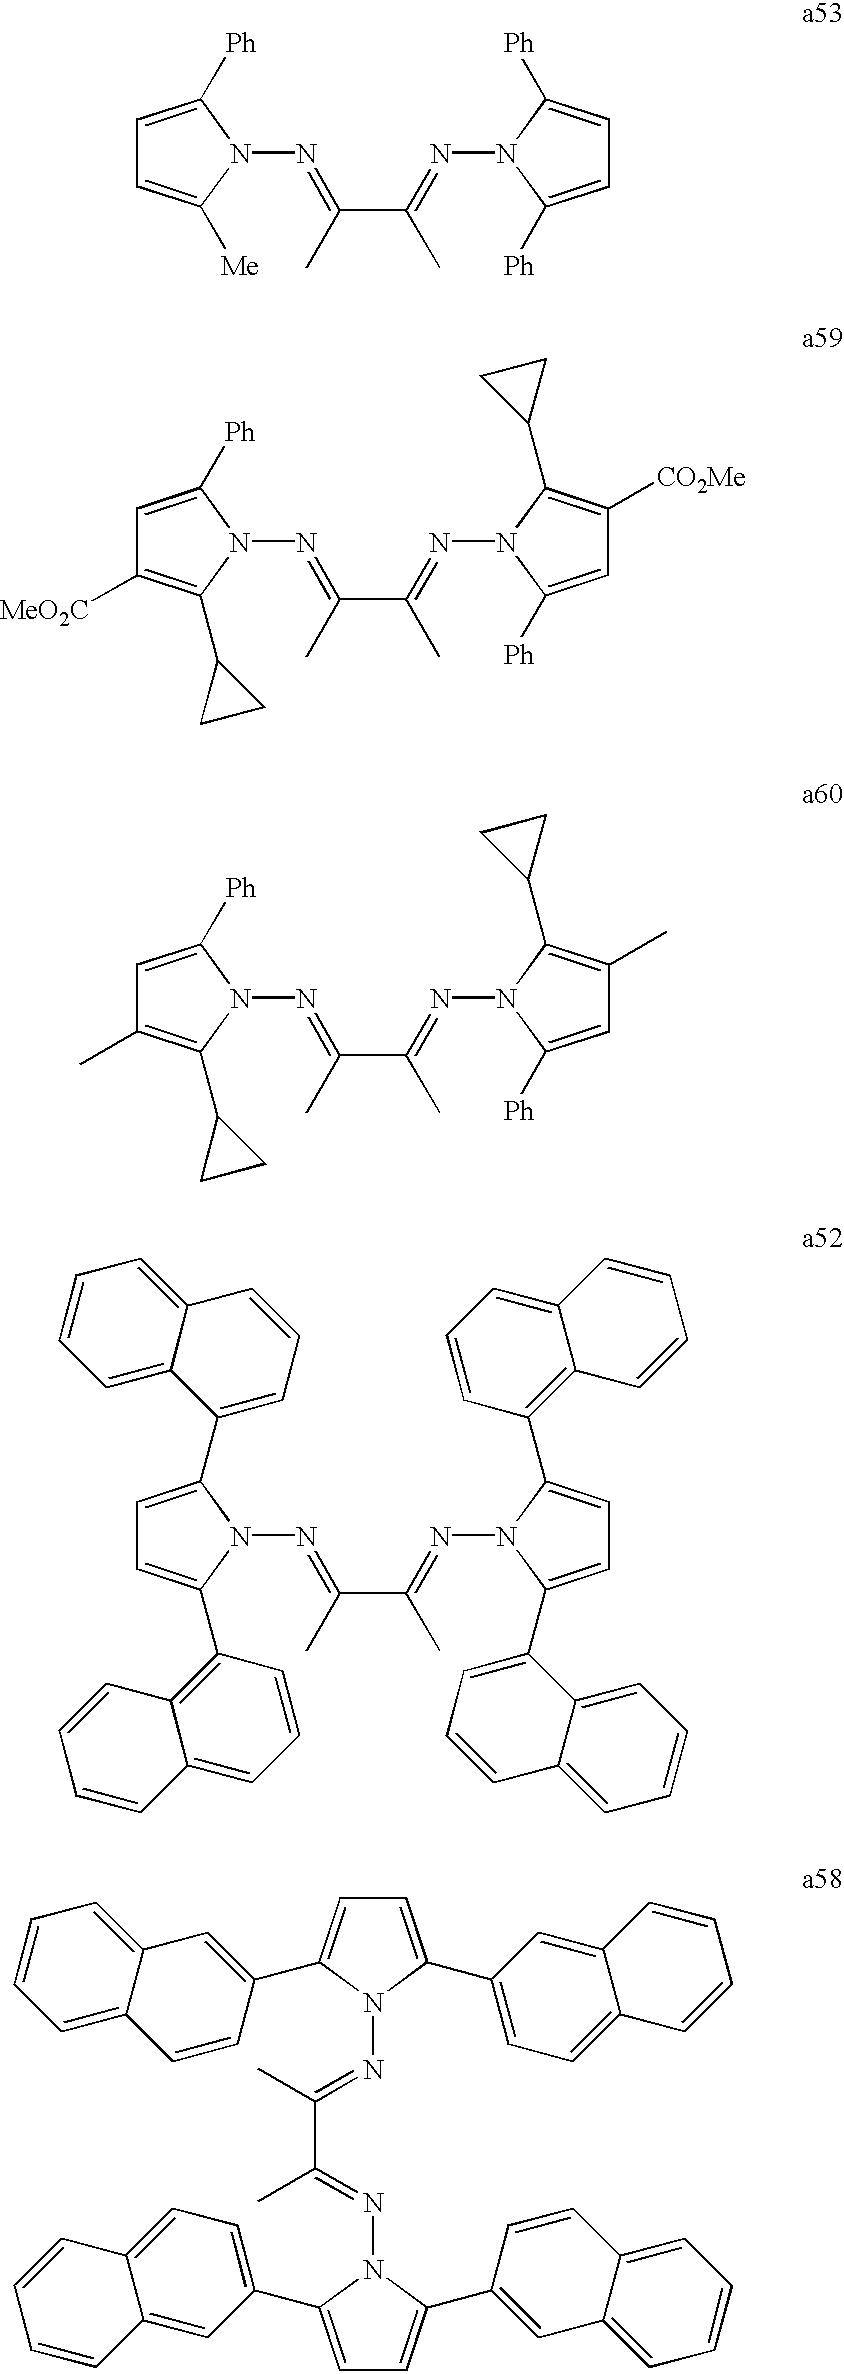 Figure US06545108-20030408-C00008